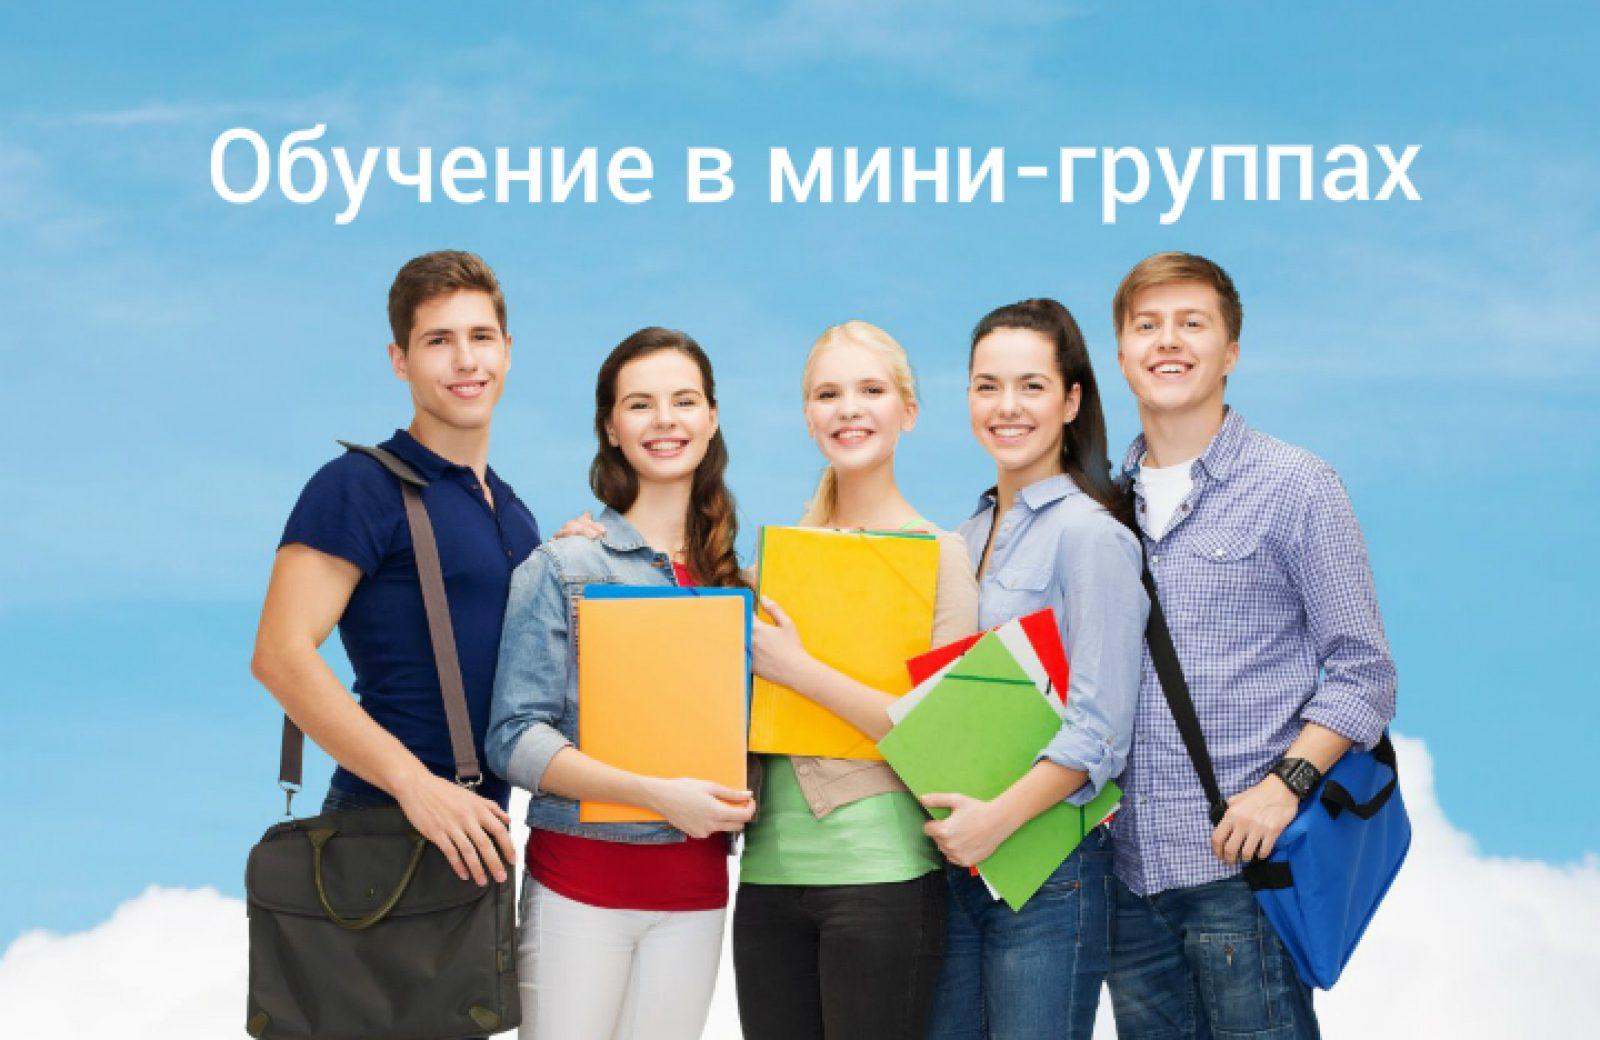 Обучение в мини-группах